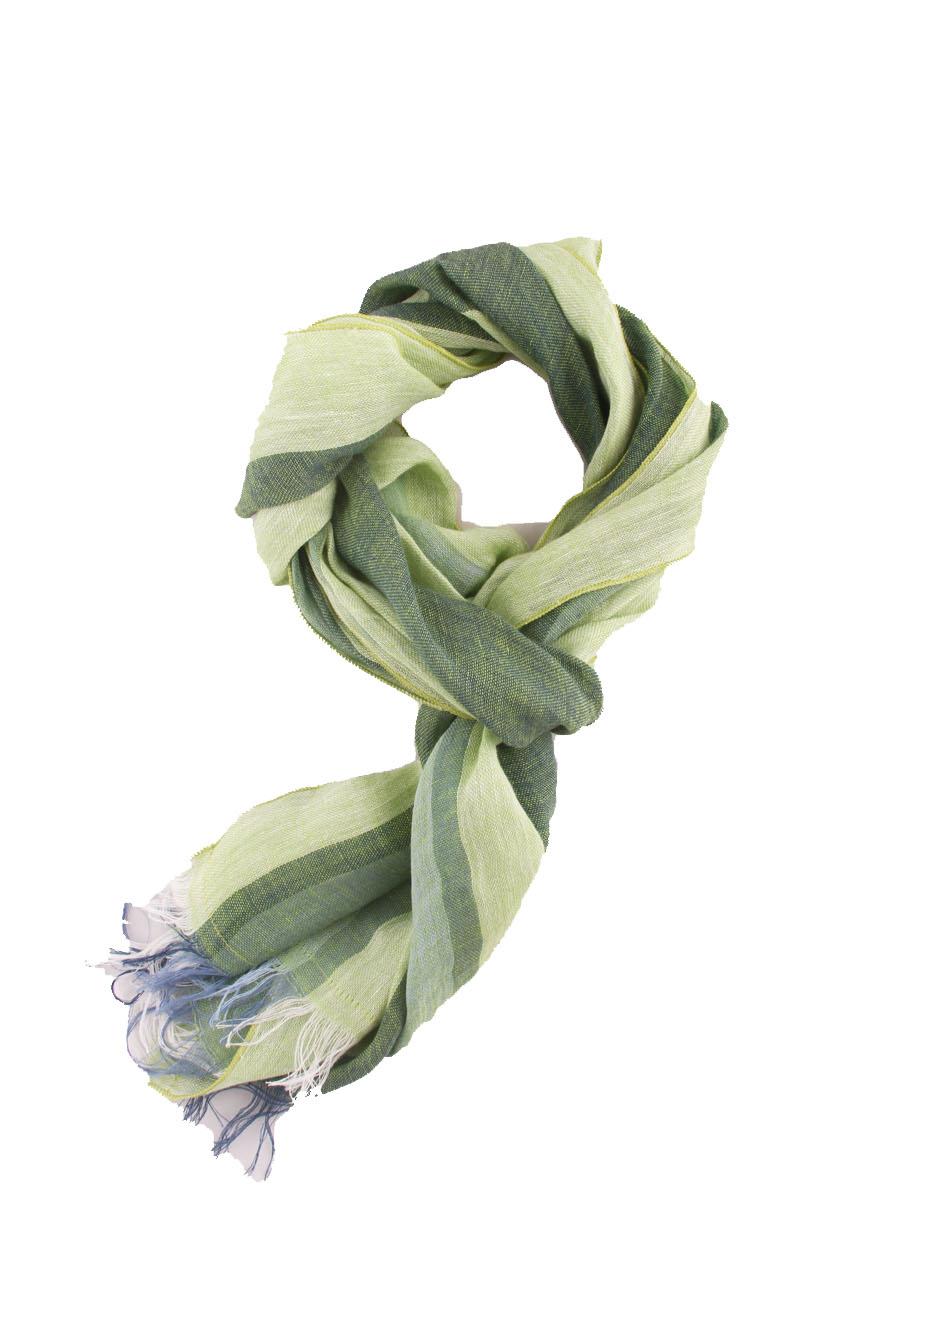 più recente vendita più economica alta qualità Sciarpa bicolor in lino verde chiaro e scuro - Colori Di ...